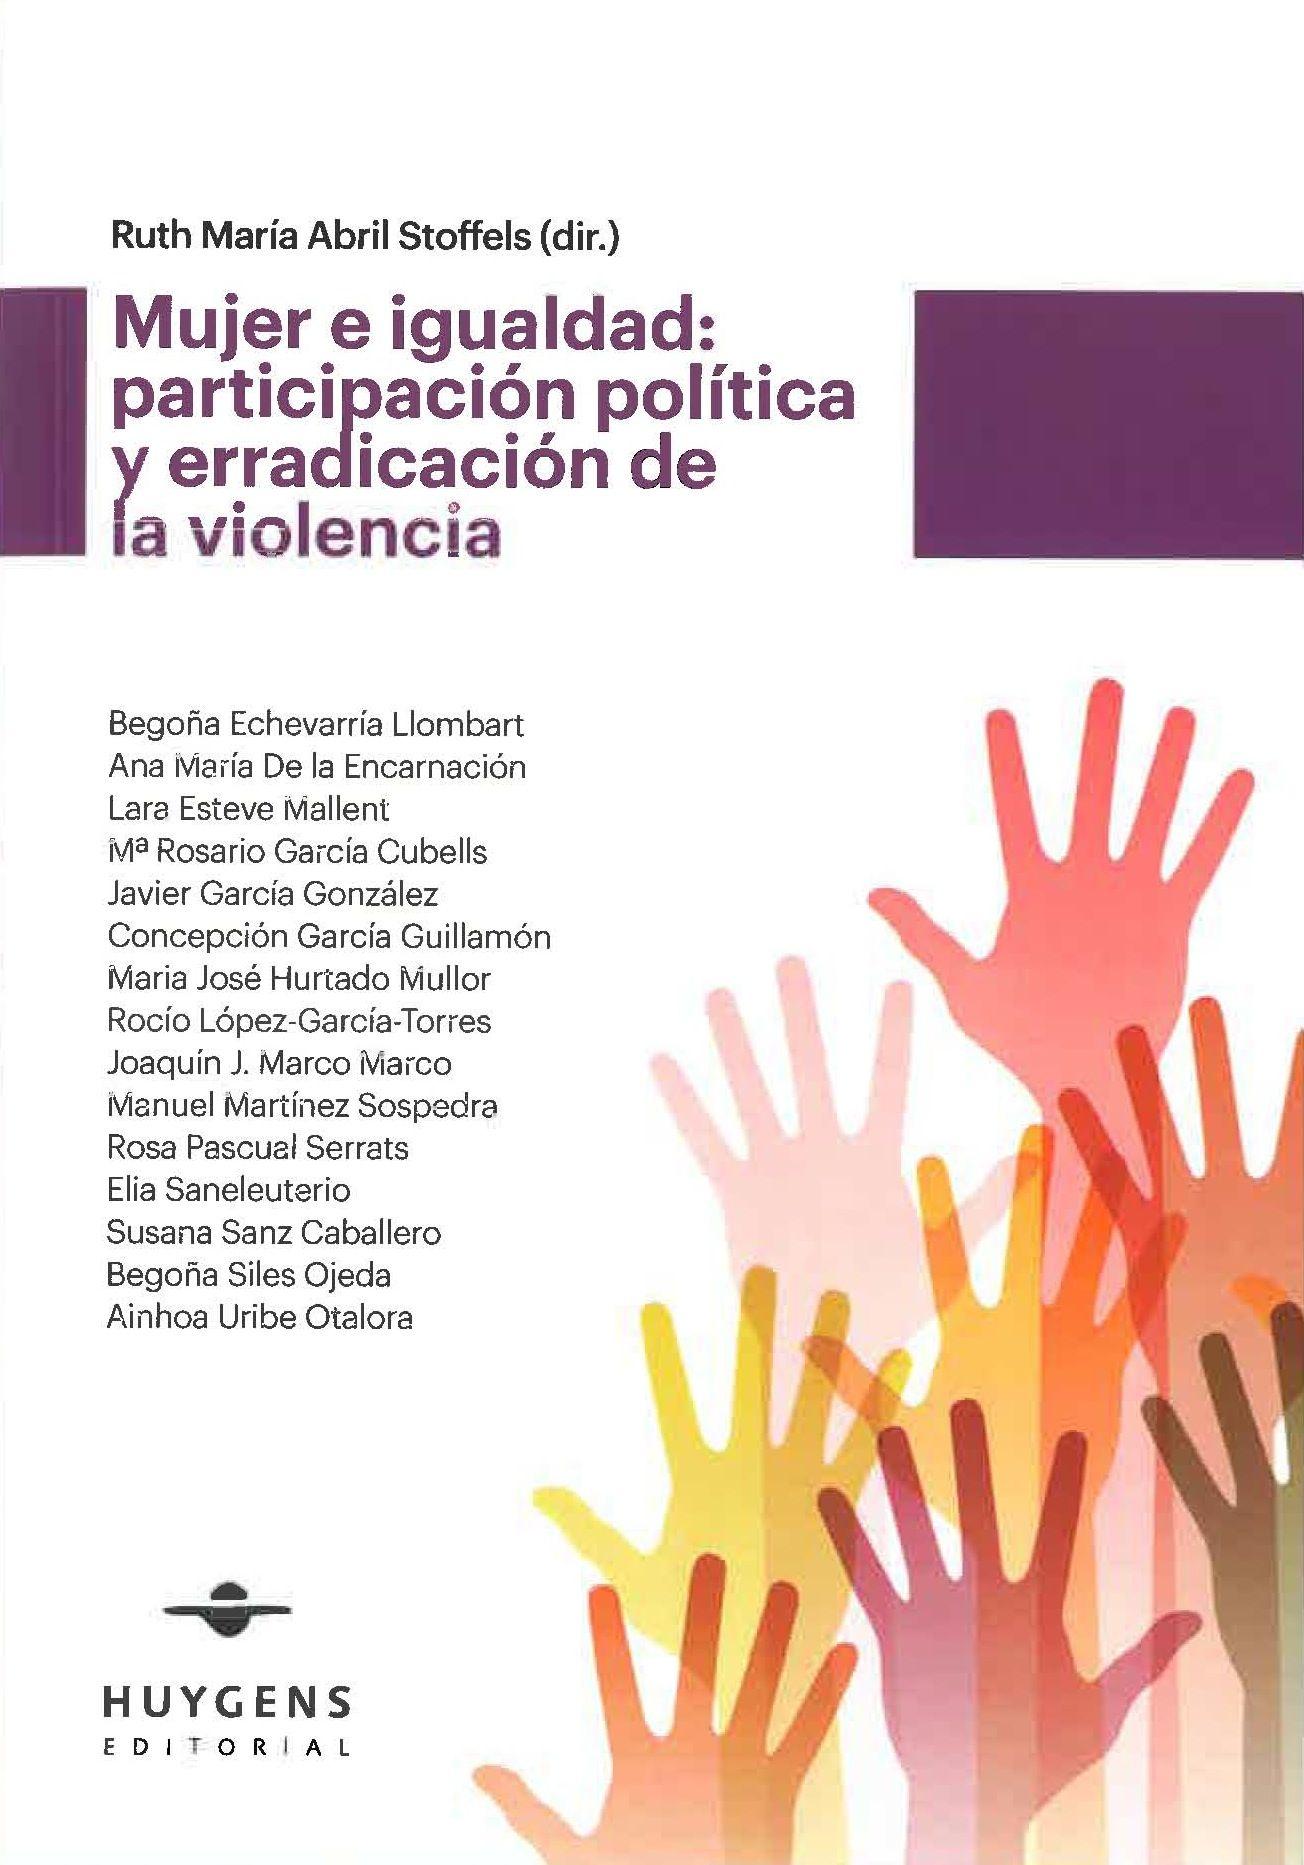 libro-mujer-igualdad-ruth-abril-ceu-uch